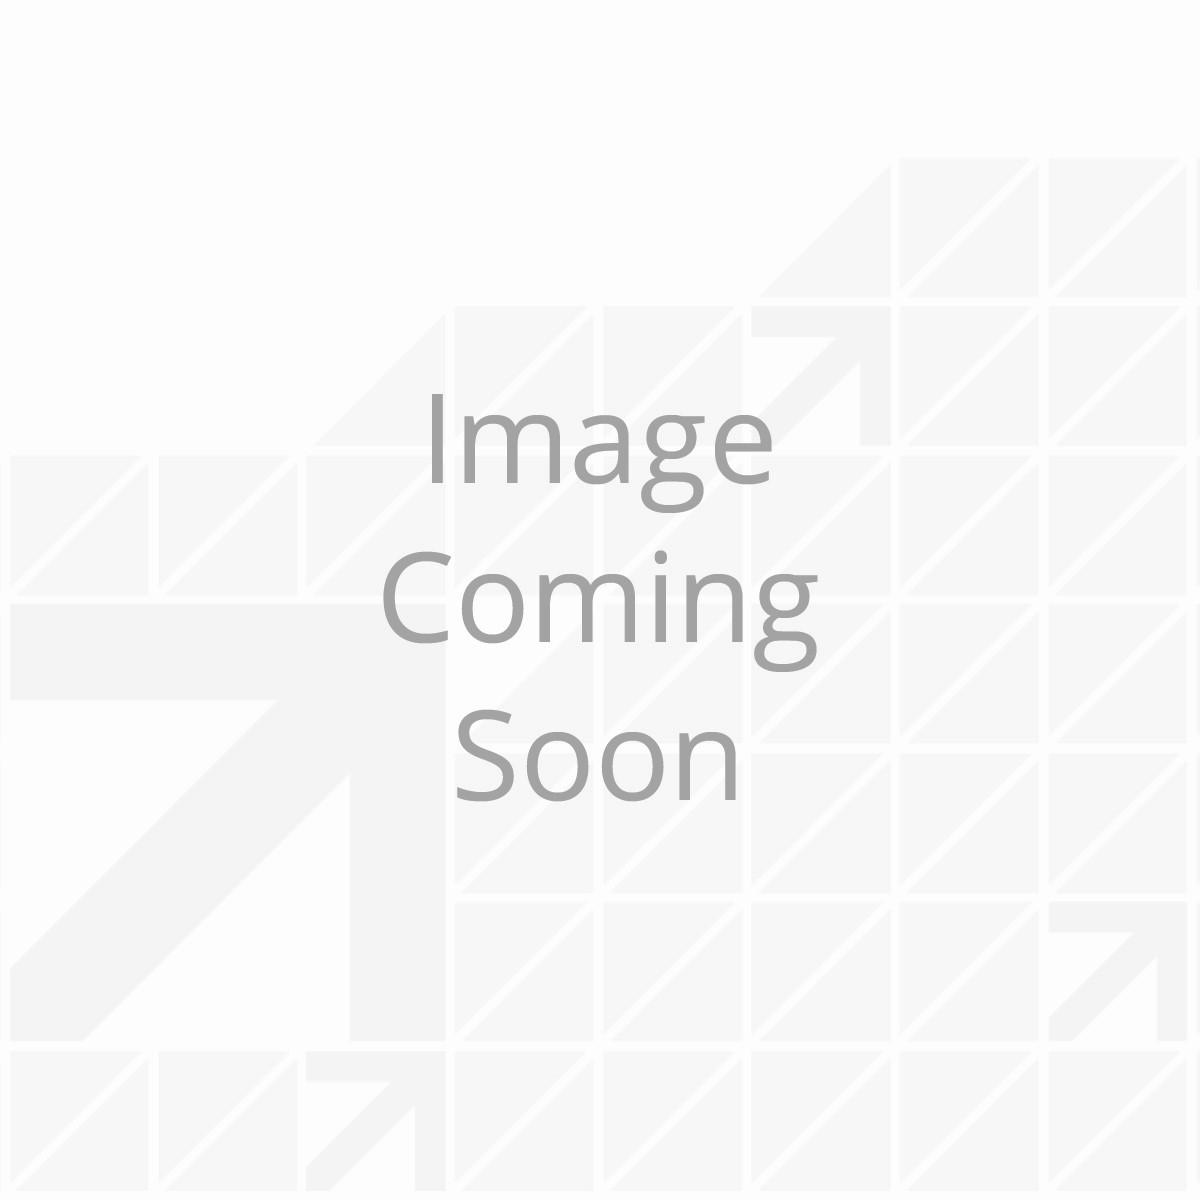 Lippert Hydraulic Pump Hydraulic Hand Pump Wiring Diagram